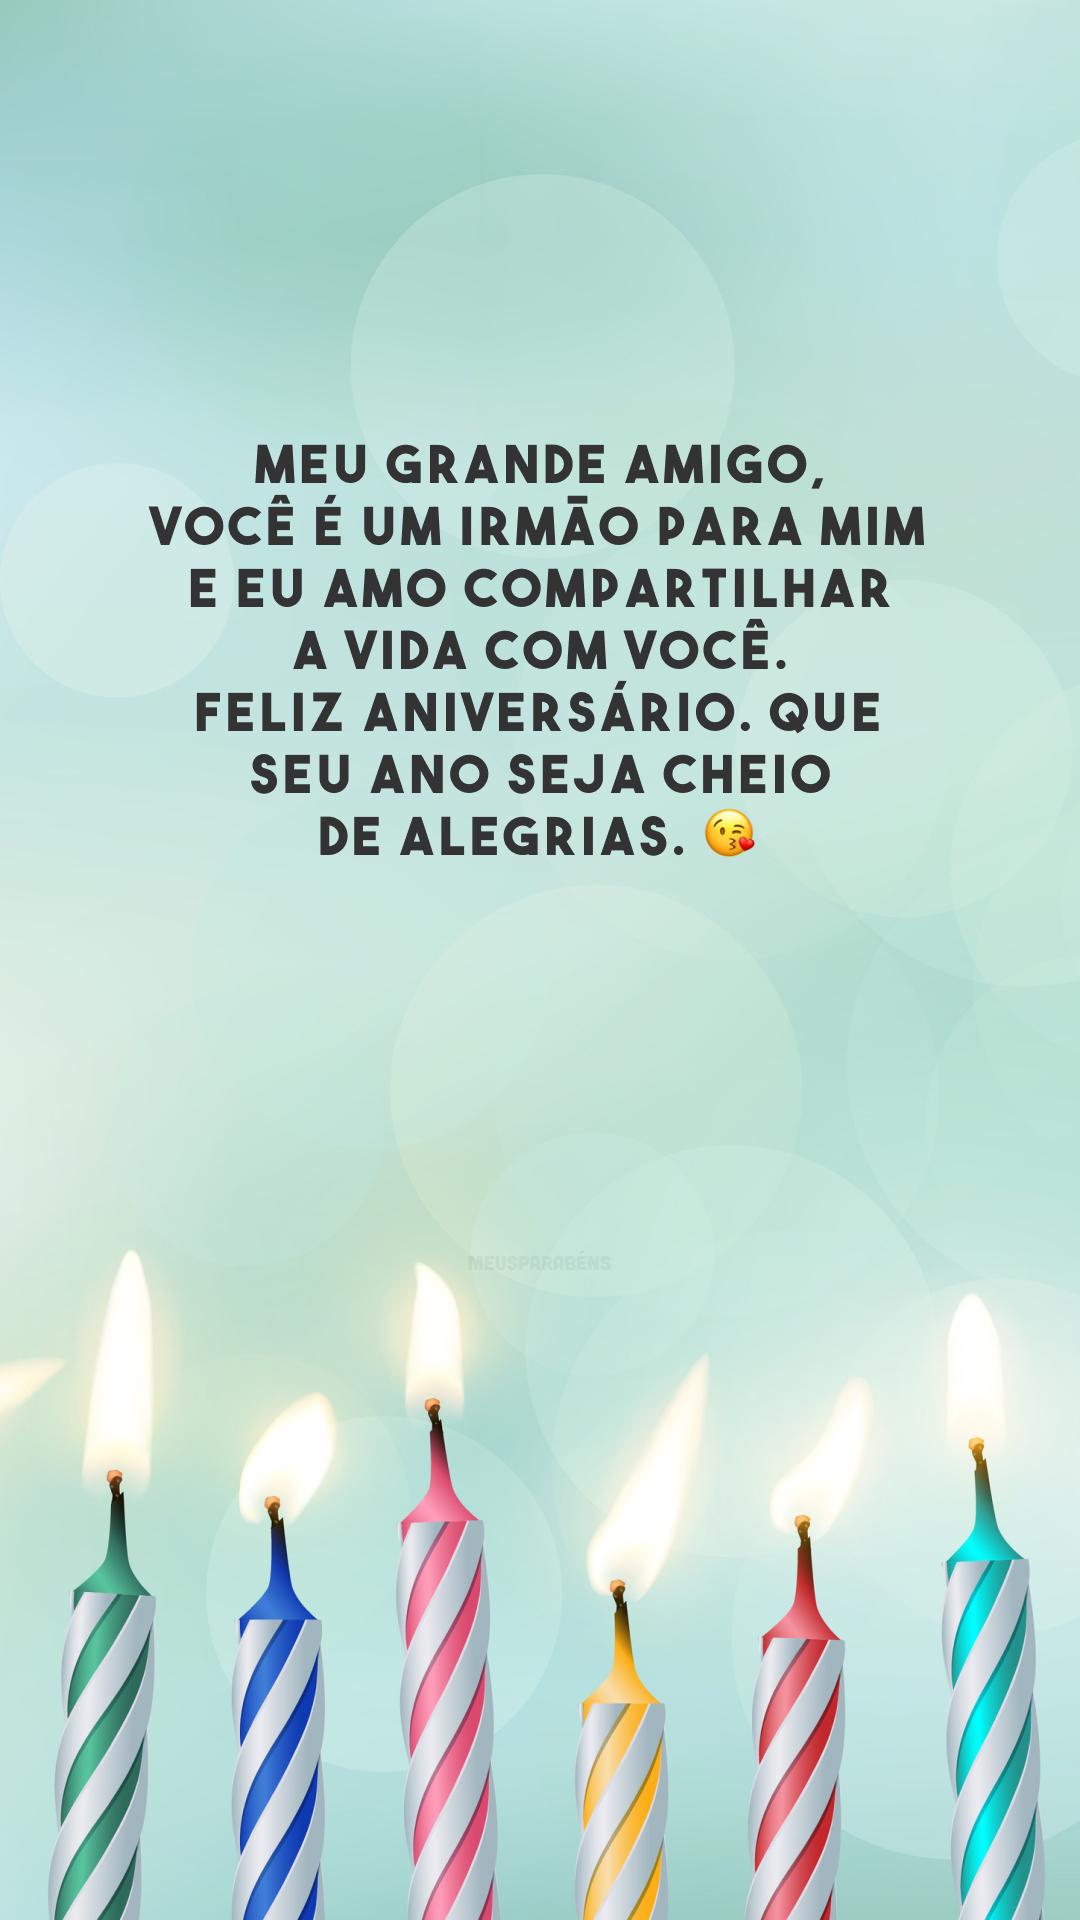 Meu grande amigo, você é um irmão para mim e eu amo compartilhar a vida com você. Feliz aniversário. Que seu ano seja cheio de alegrias. 😘